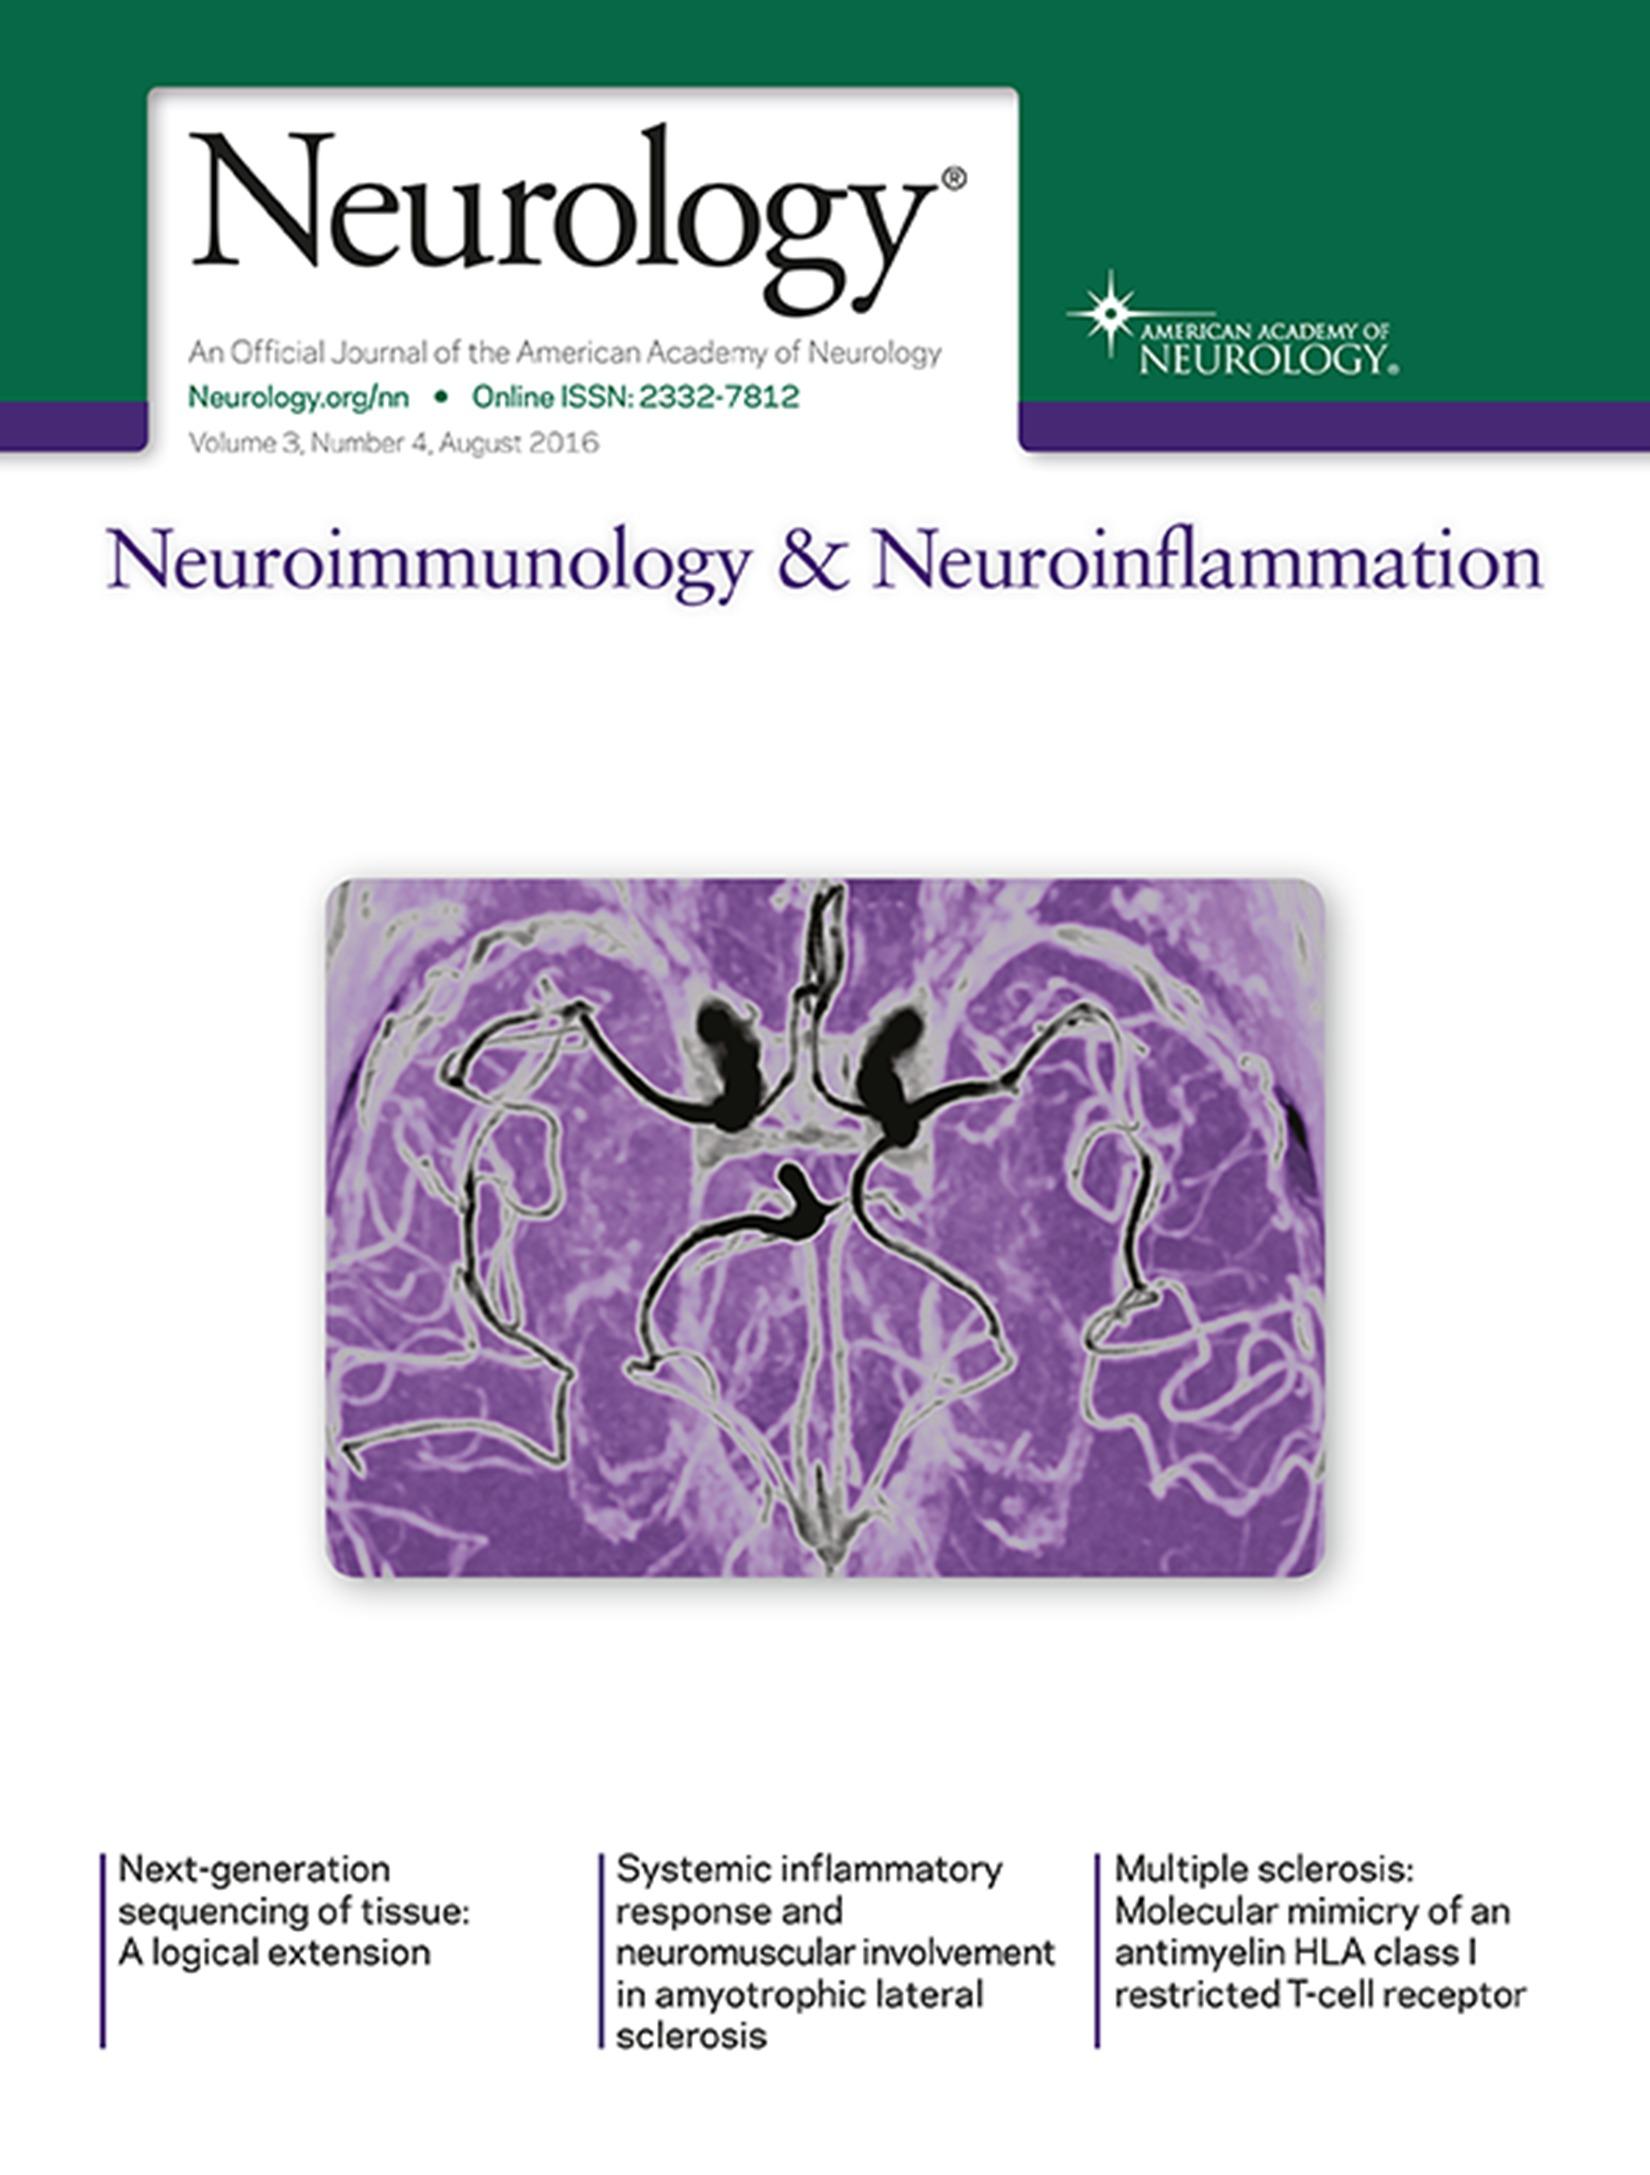 MRI phase changes in multiple sclerosis vs neuromyelitis